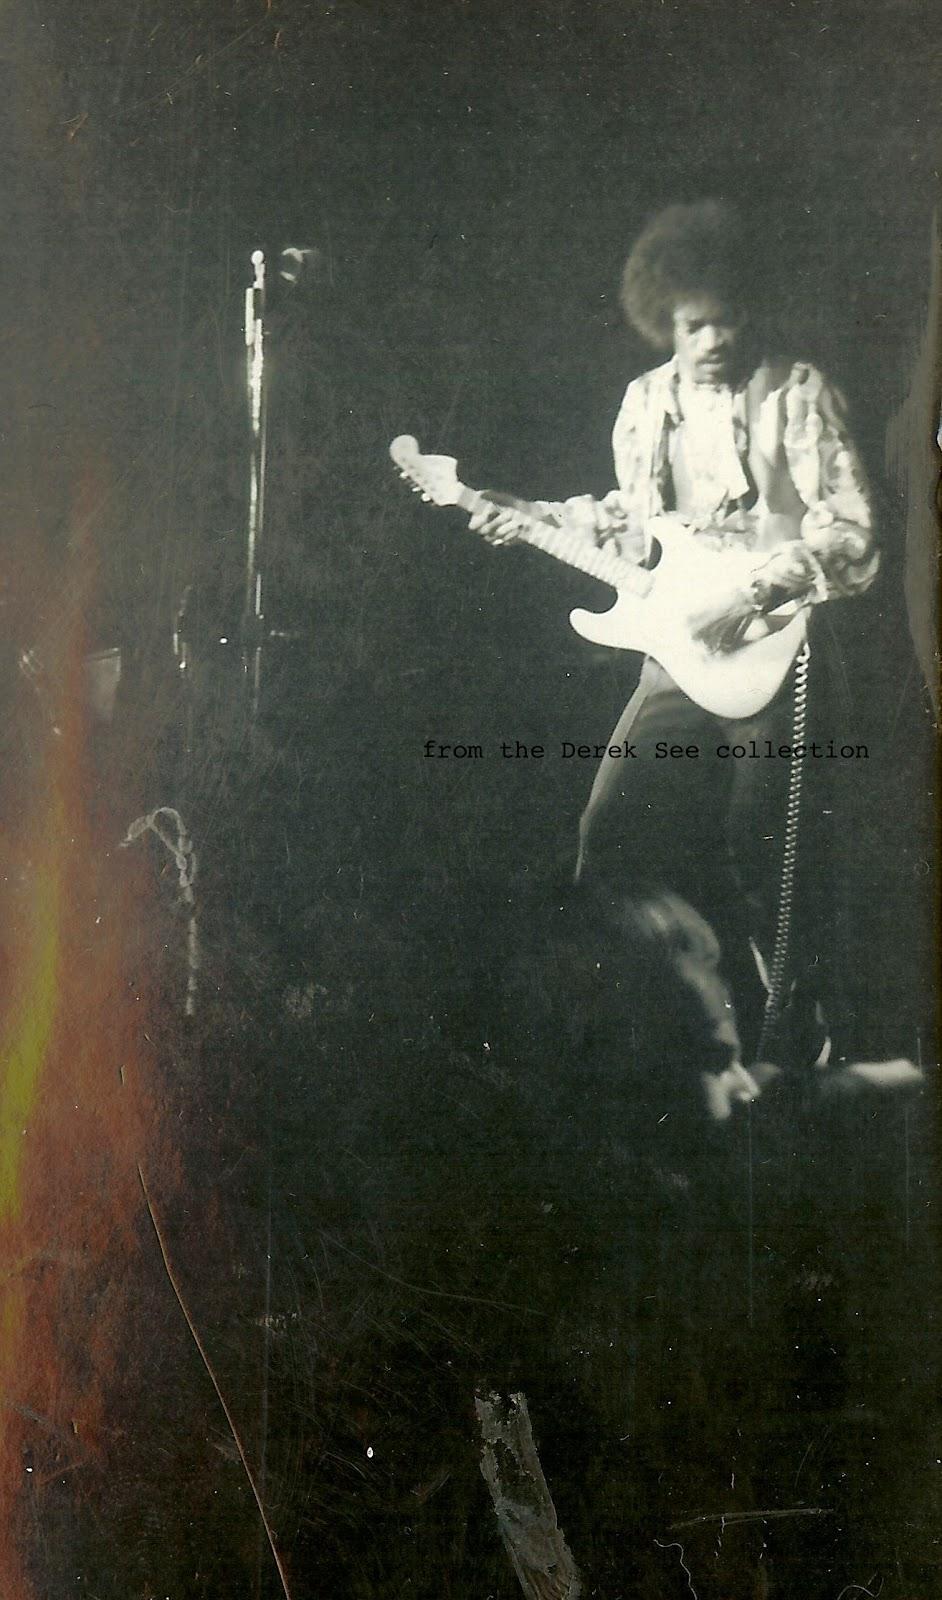 San Francisco (Winterland) : 10 octobre 1968 [Premier concert] A052babd9cf62b0579d3b9b7f4b4f8b6